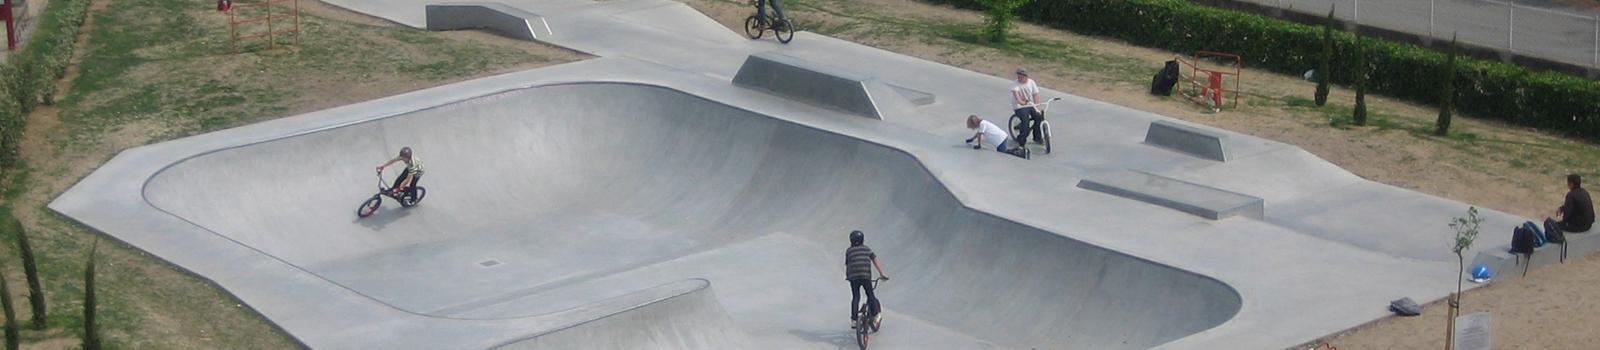 Skate parc Langon